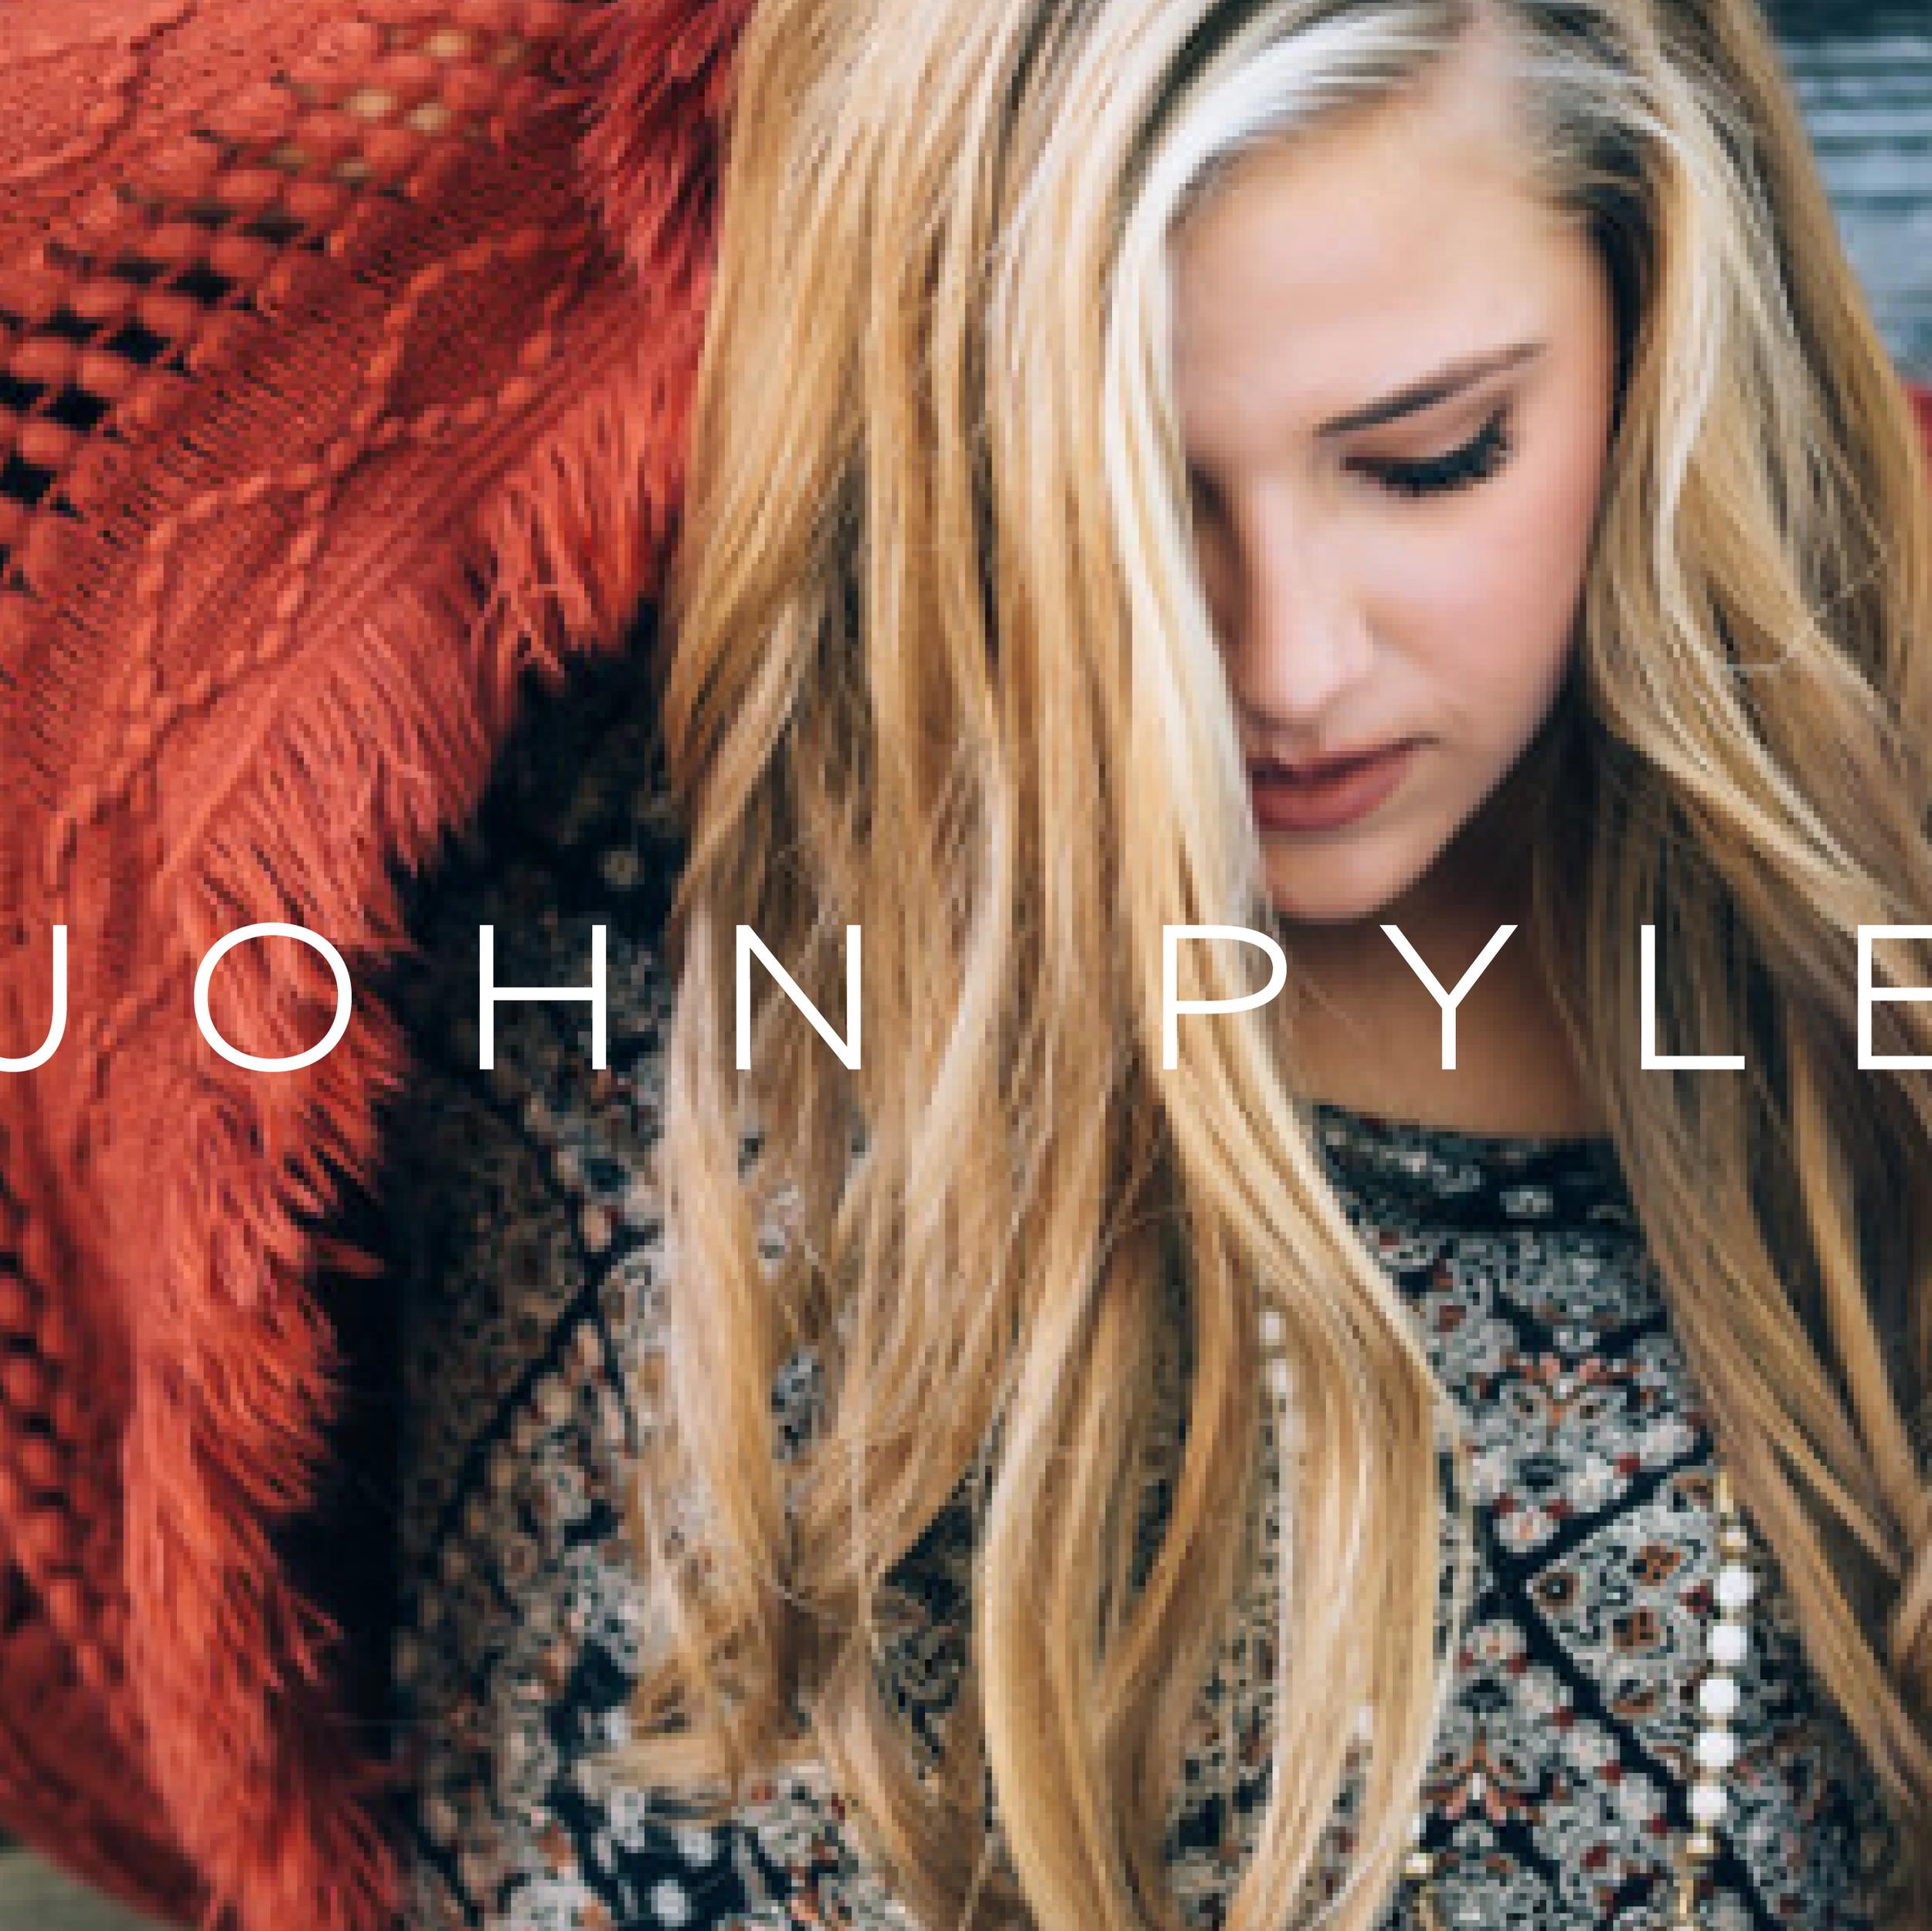 John Pyle_Katie Loerts Design3.png